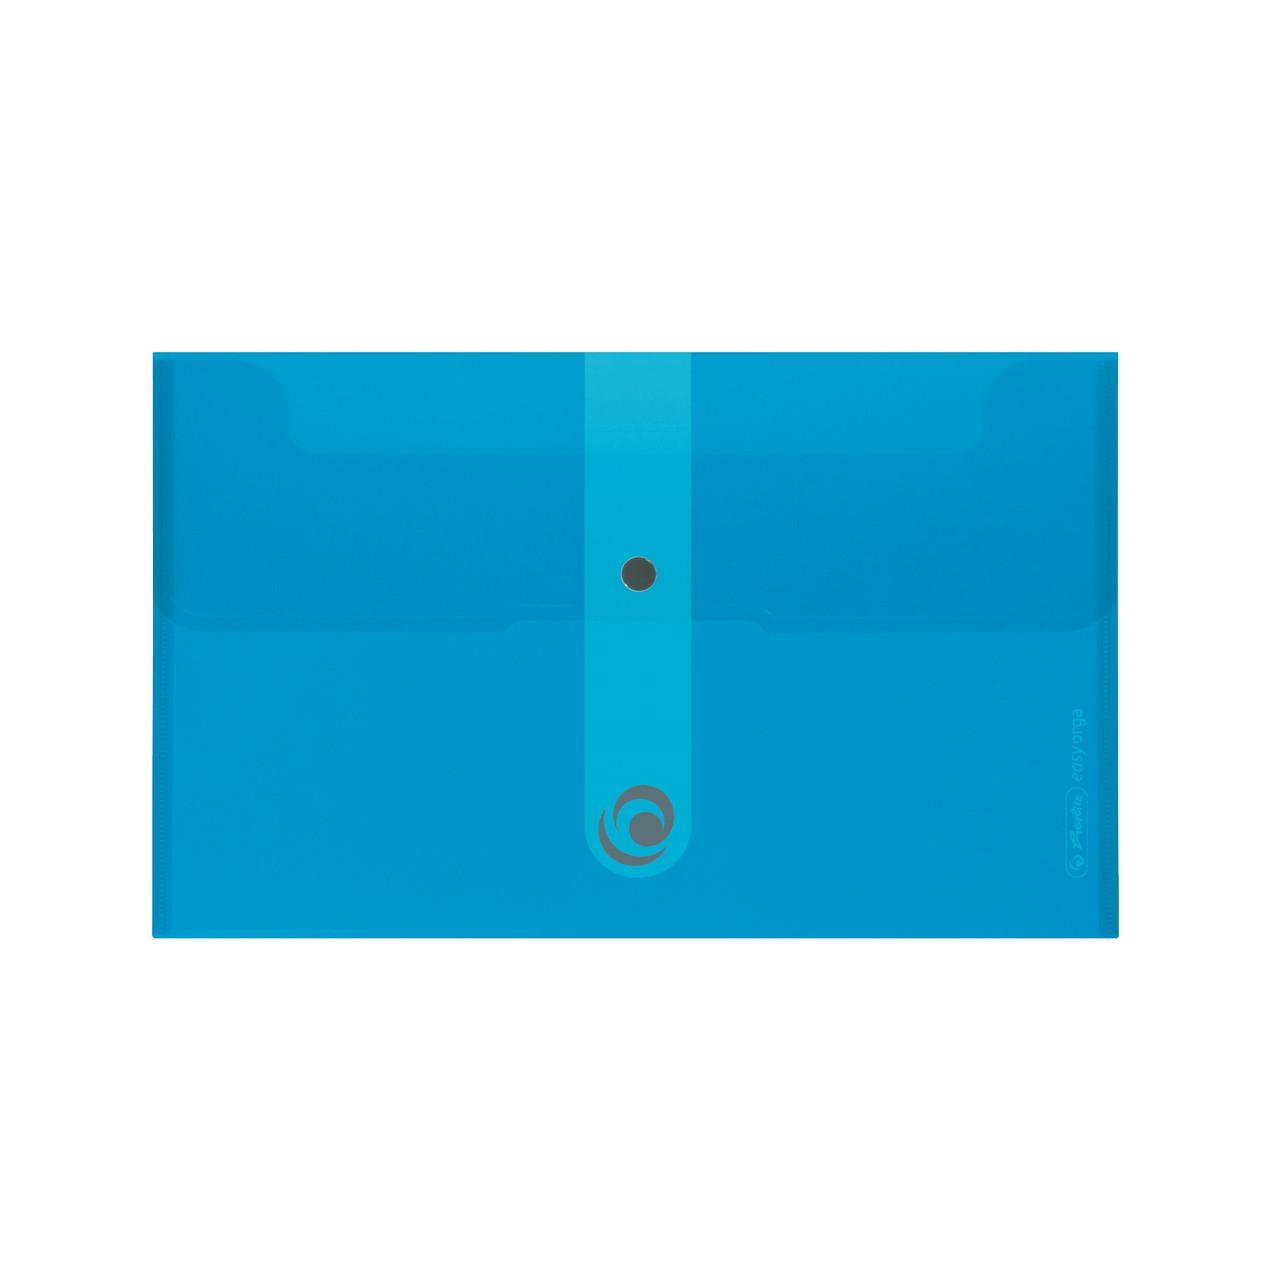 Папка на кнопке Herlitz 22.5x13см 200мкм Easy Orga To Go голубая полупрозрачная (11207099)